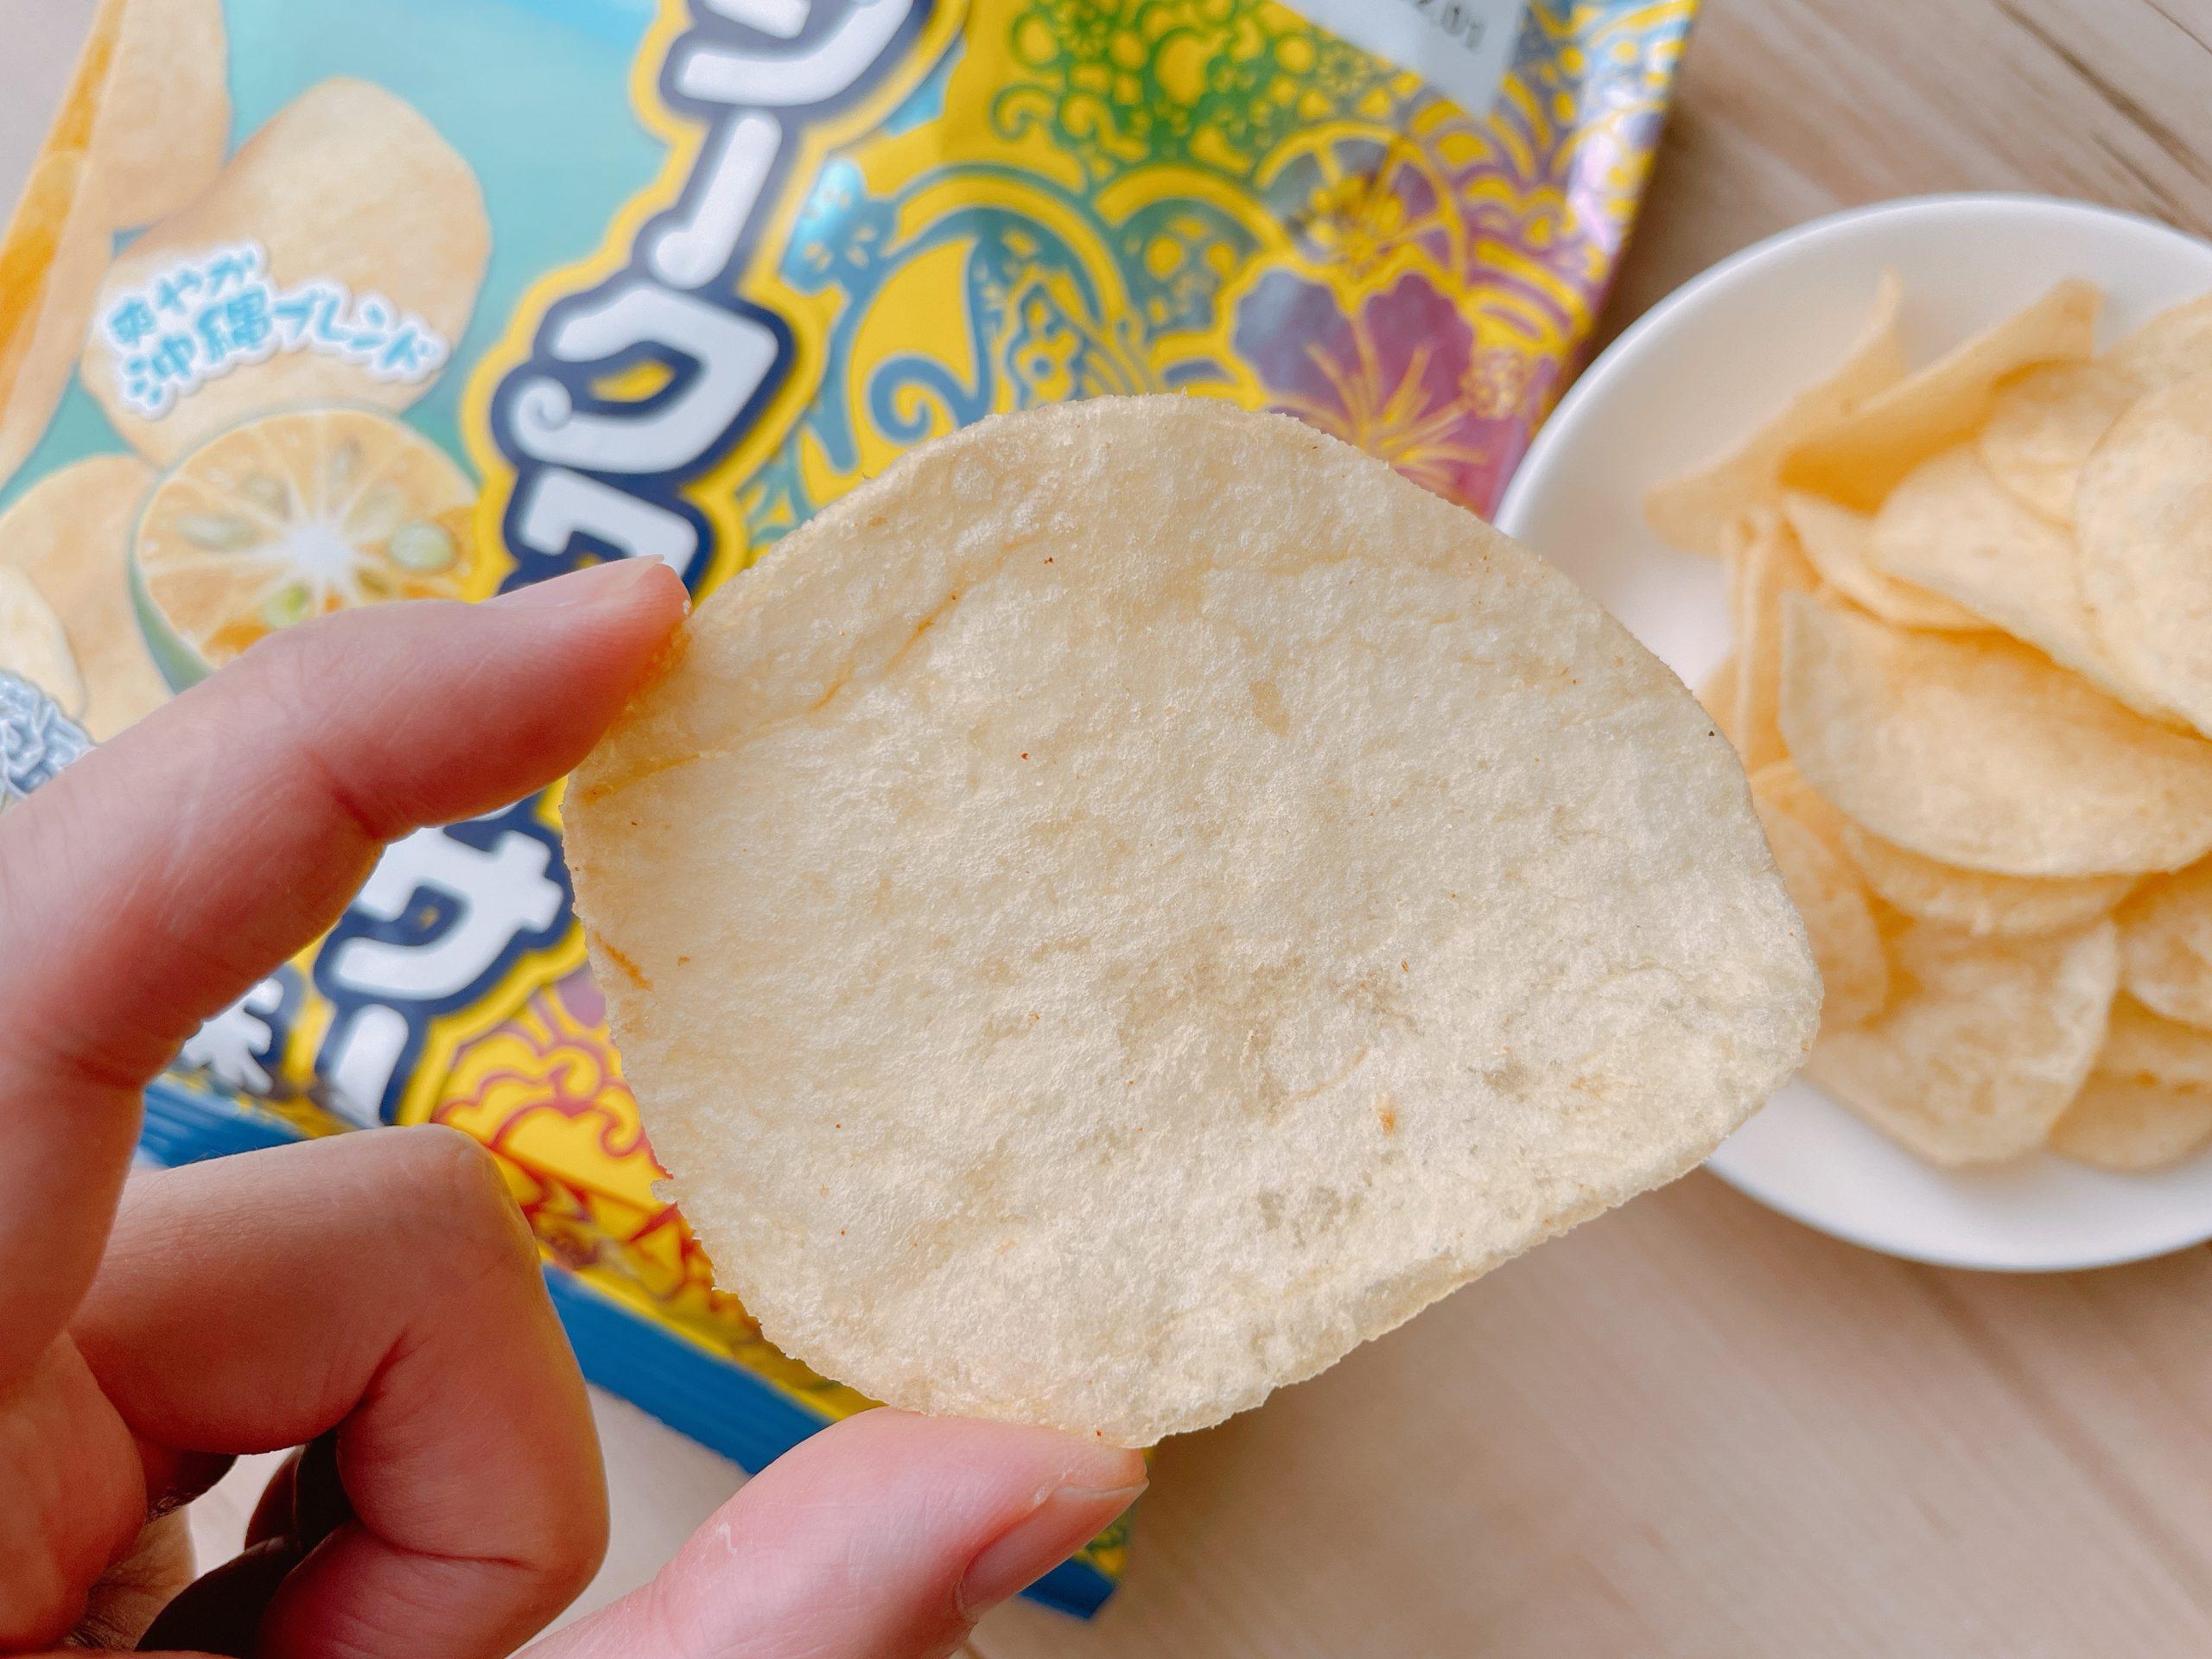 ポテトチップス<シークワーサー味>シークワーサーとポテチの味わいが調和している